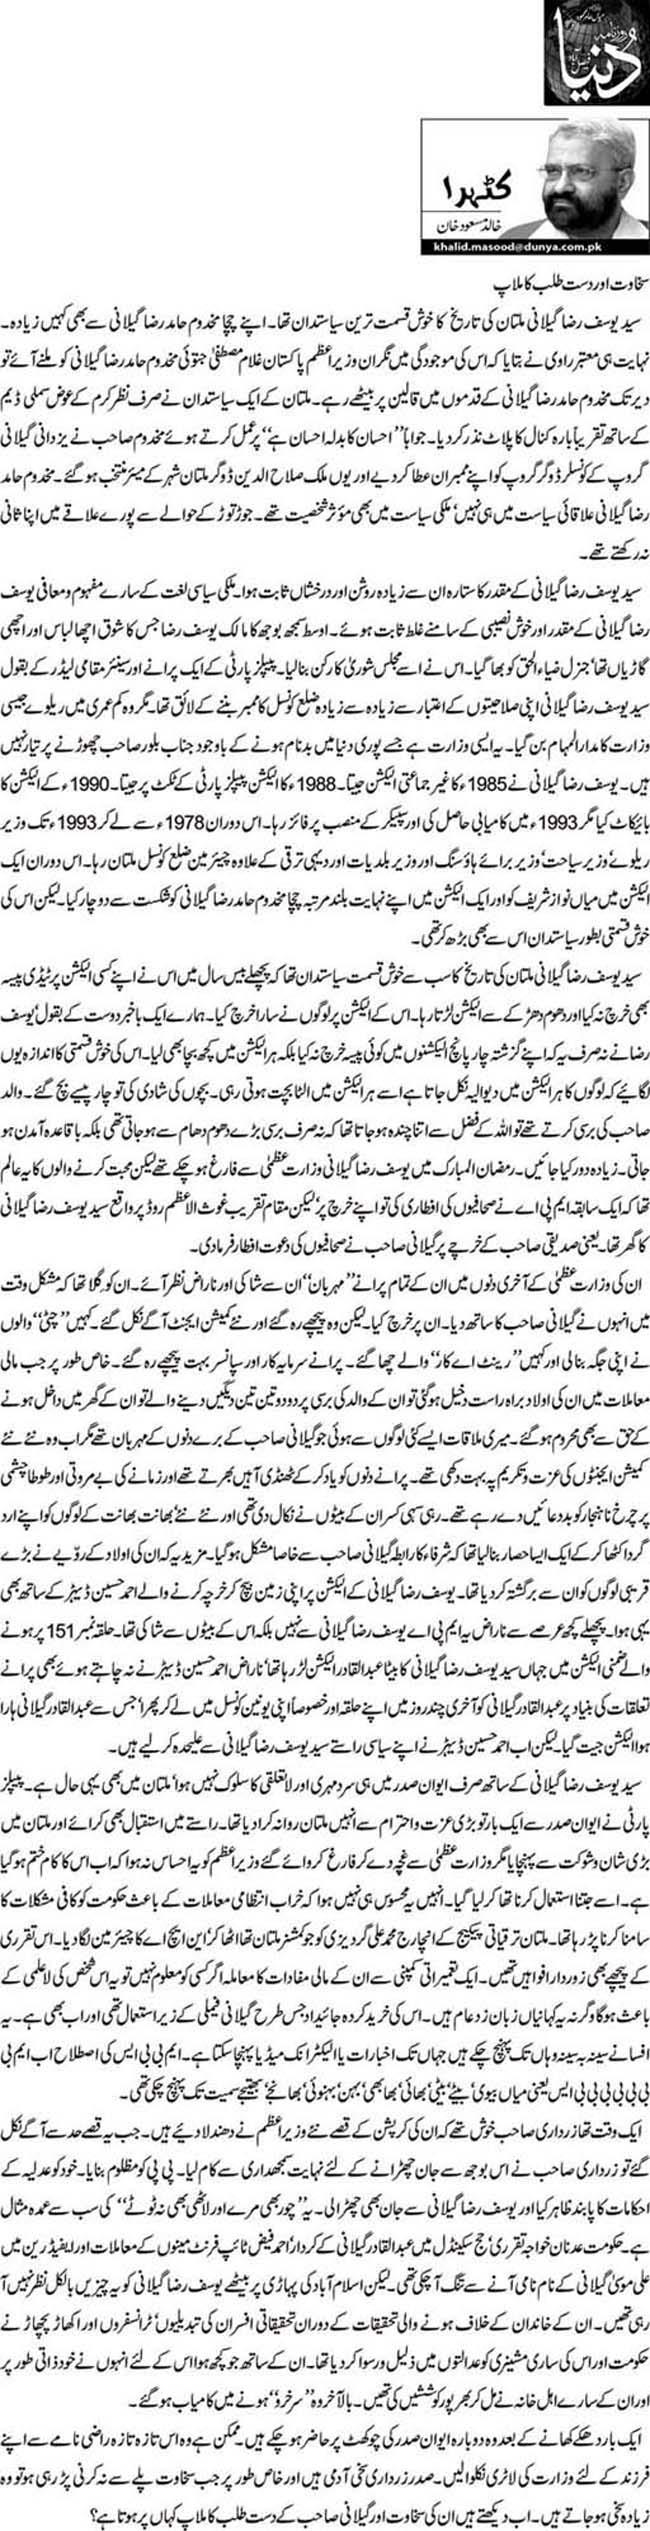 Sakhwat aur daste talb ka milap - Khalid Masood khan